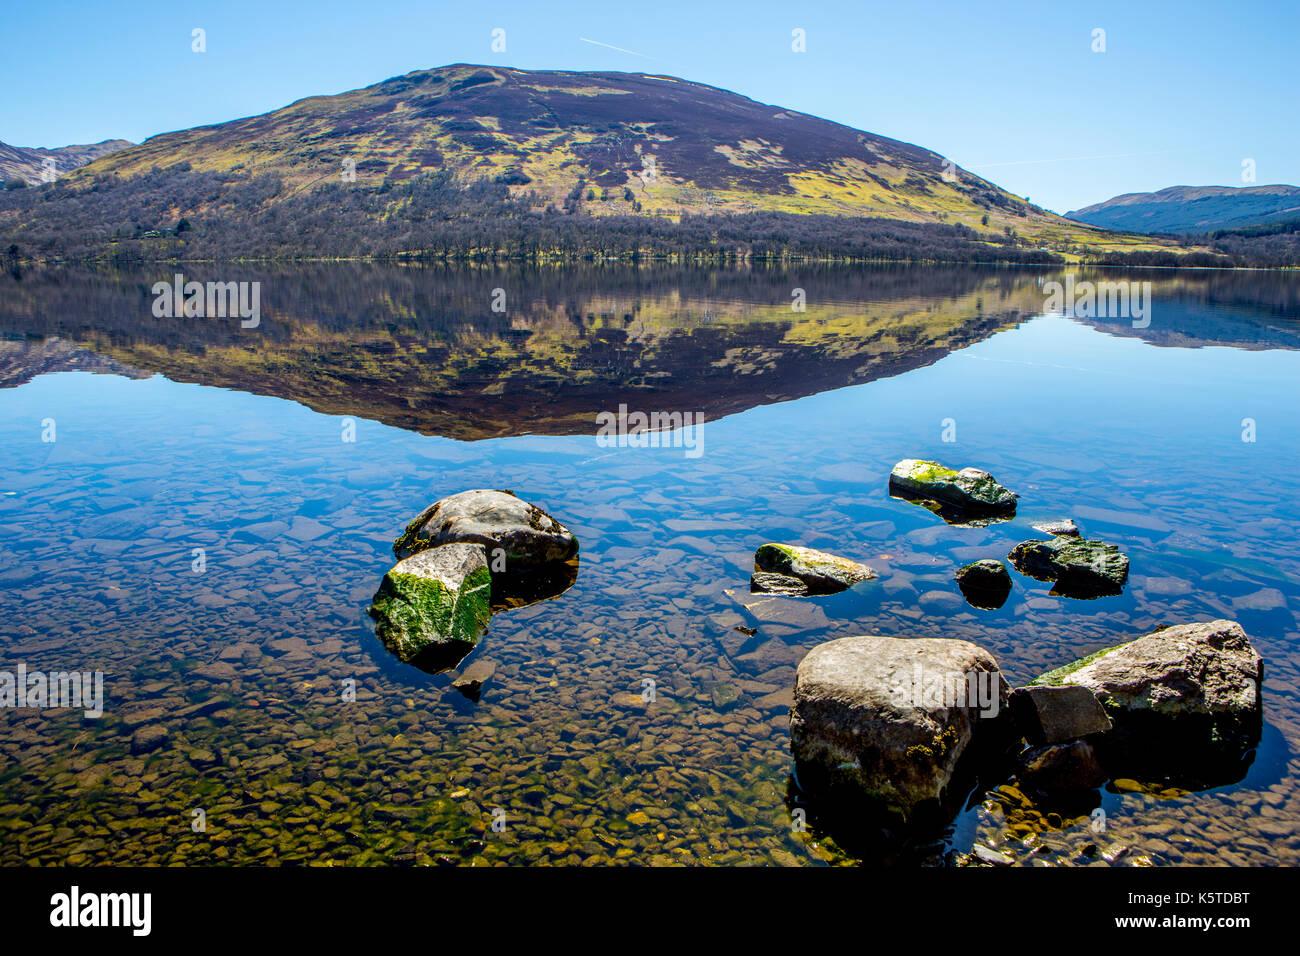 Loch Earn, Scotland - Stock Image